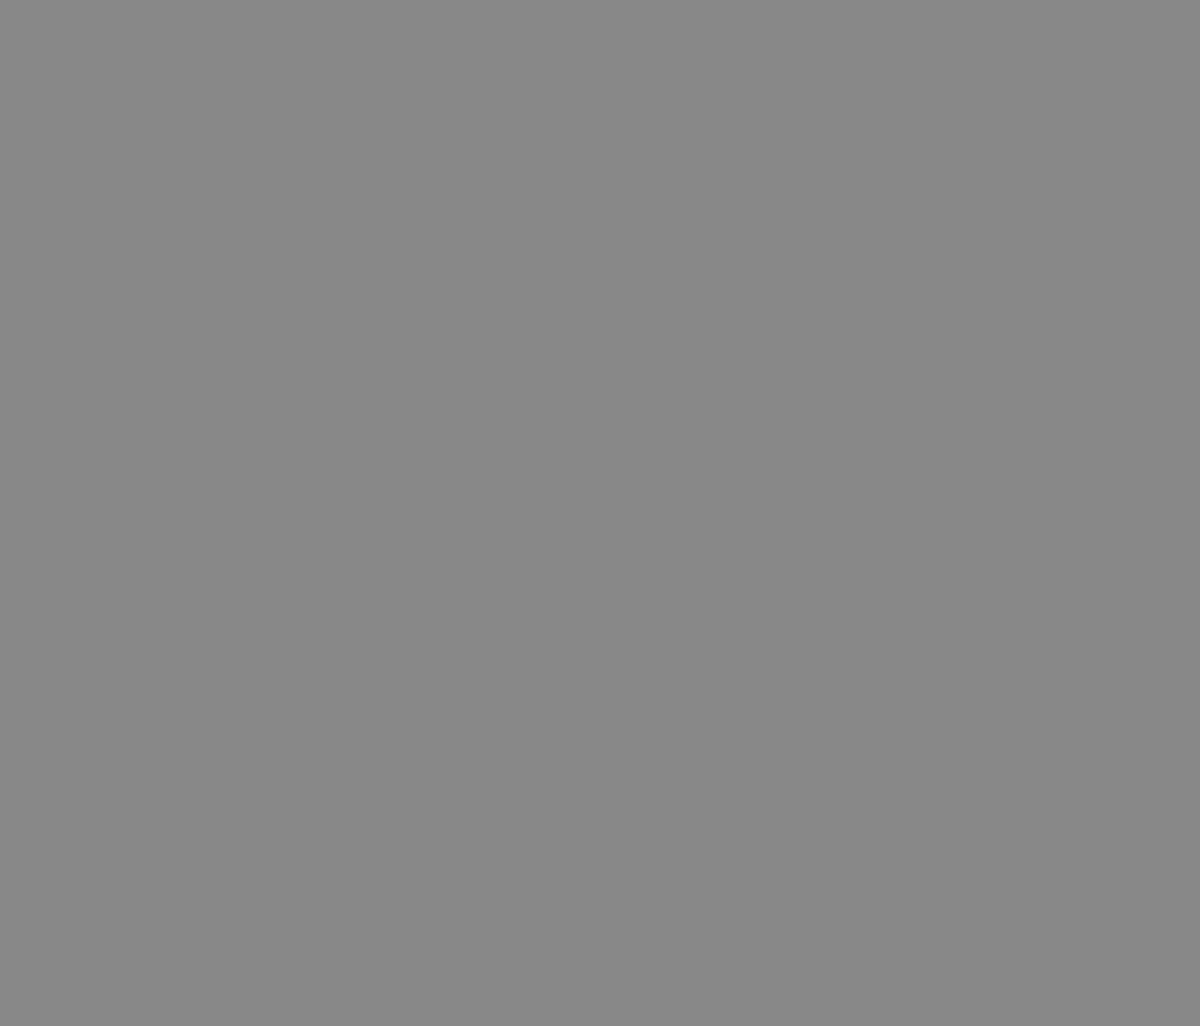 「親になる」を支えるコソダテの学校3919